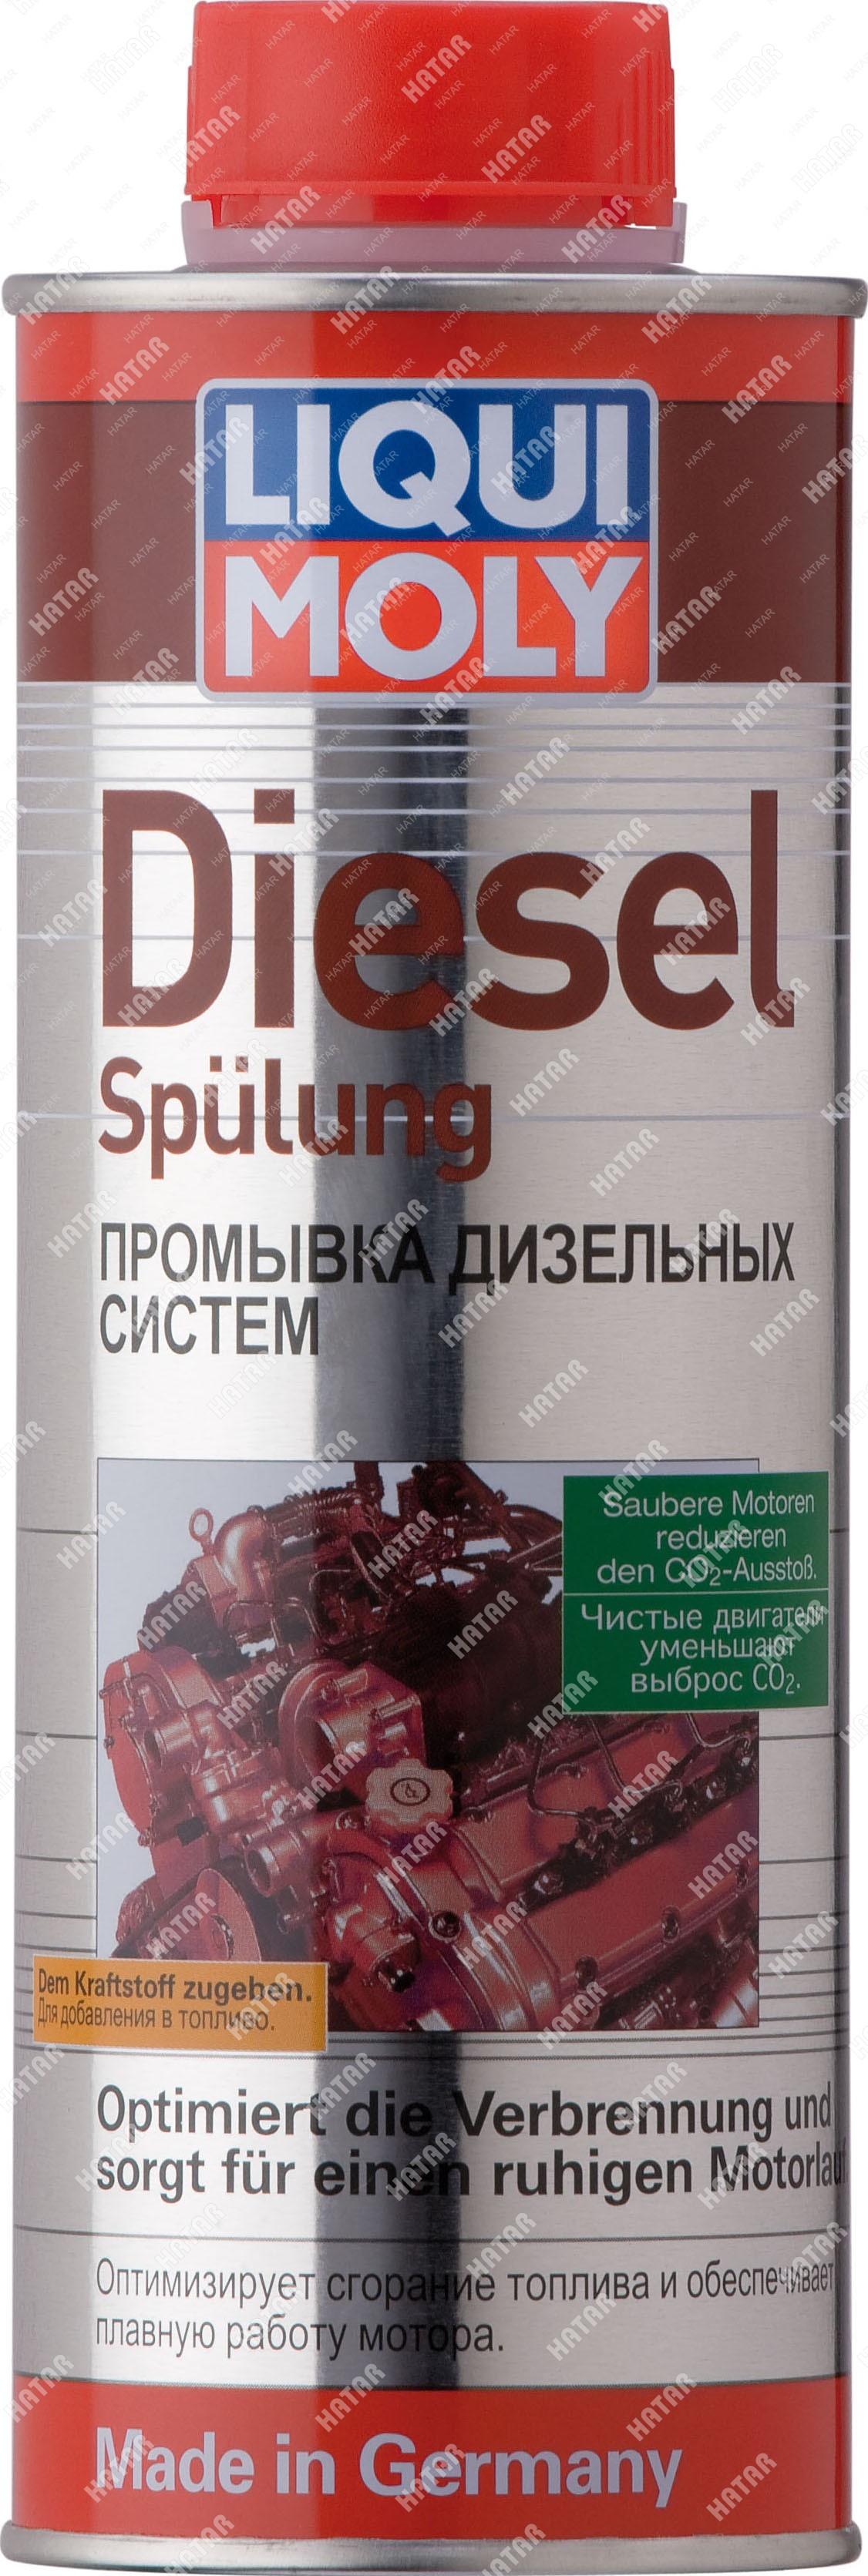 LIQUI MOLY Промывка дизельных систем diesel spulung (0,5л)